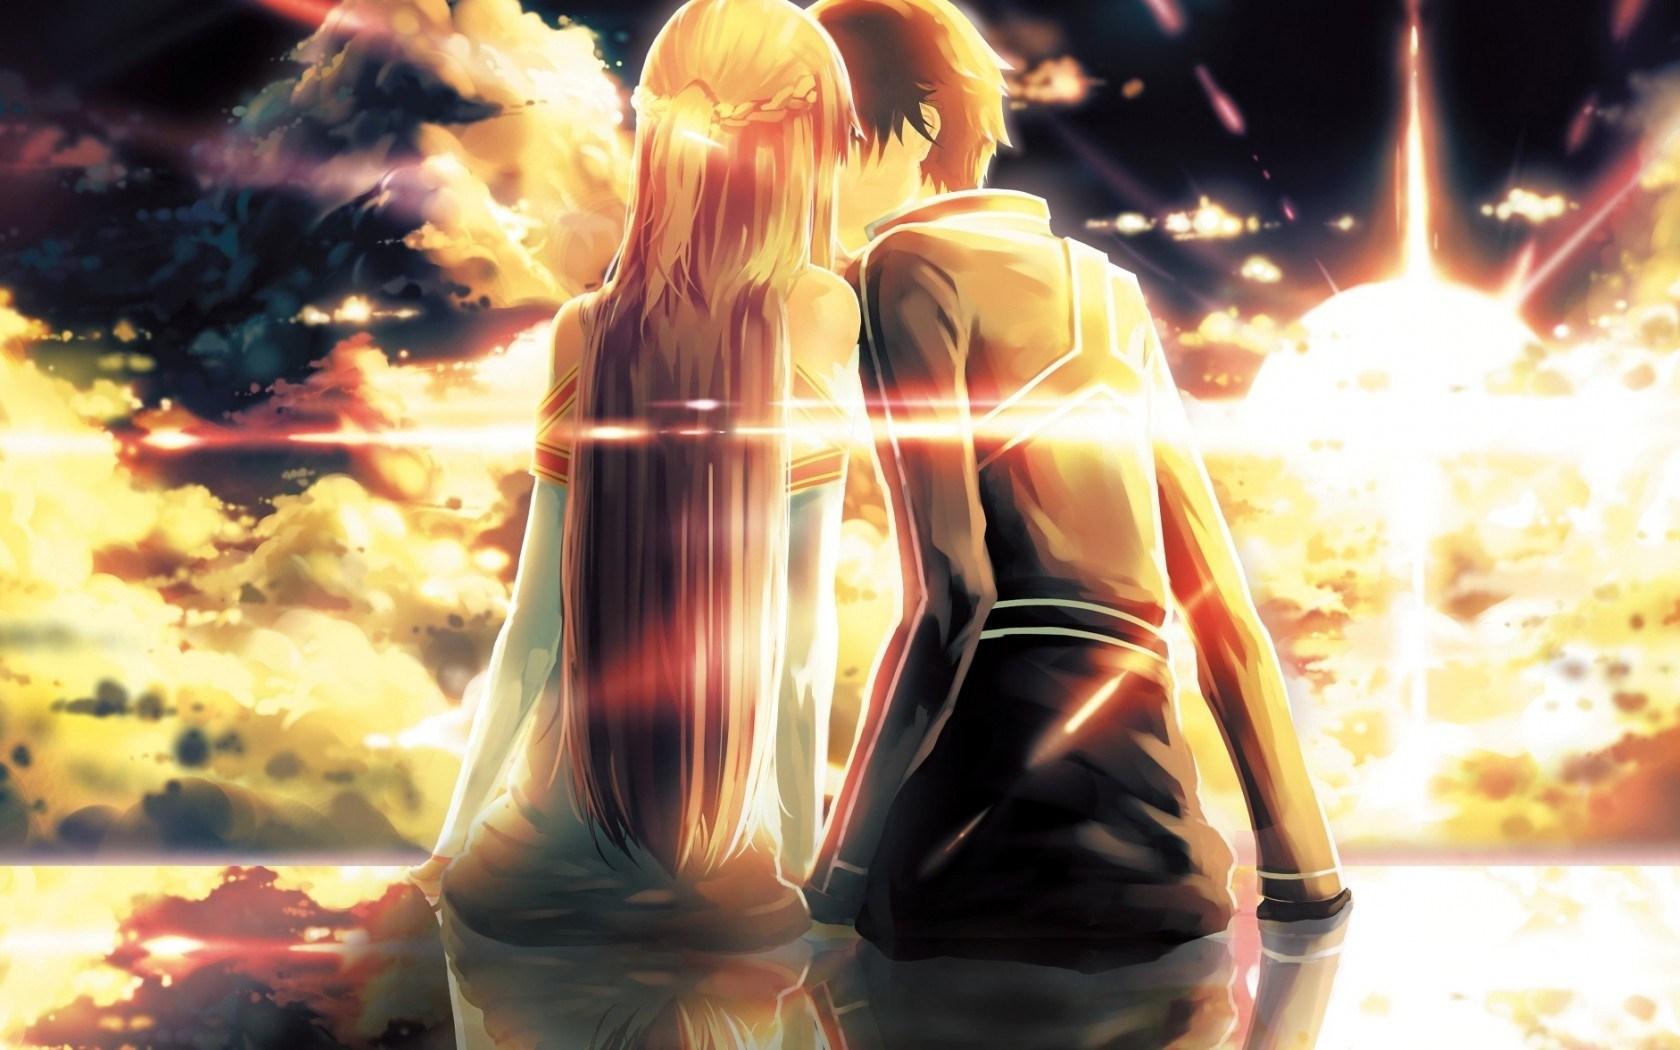 Anime Girl And Boy Kiss 36 Free Wallpaper